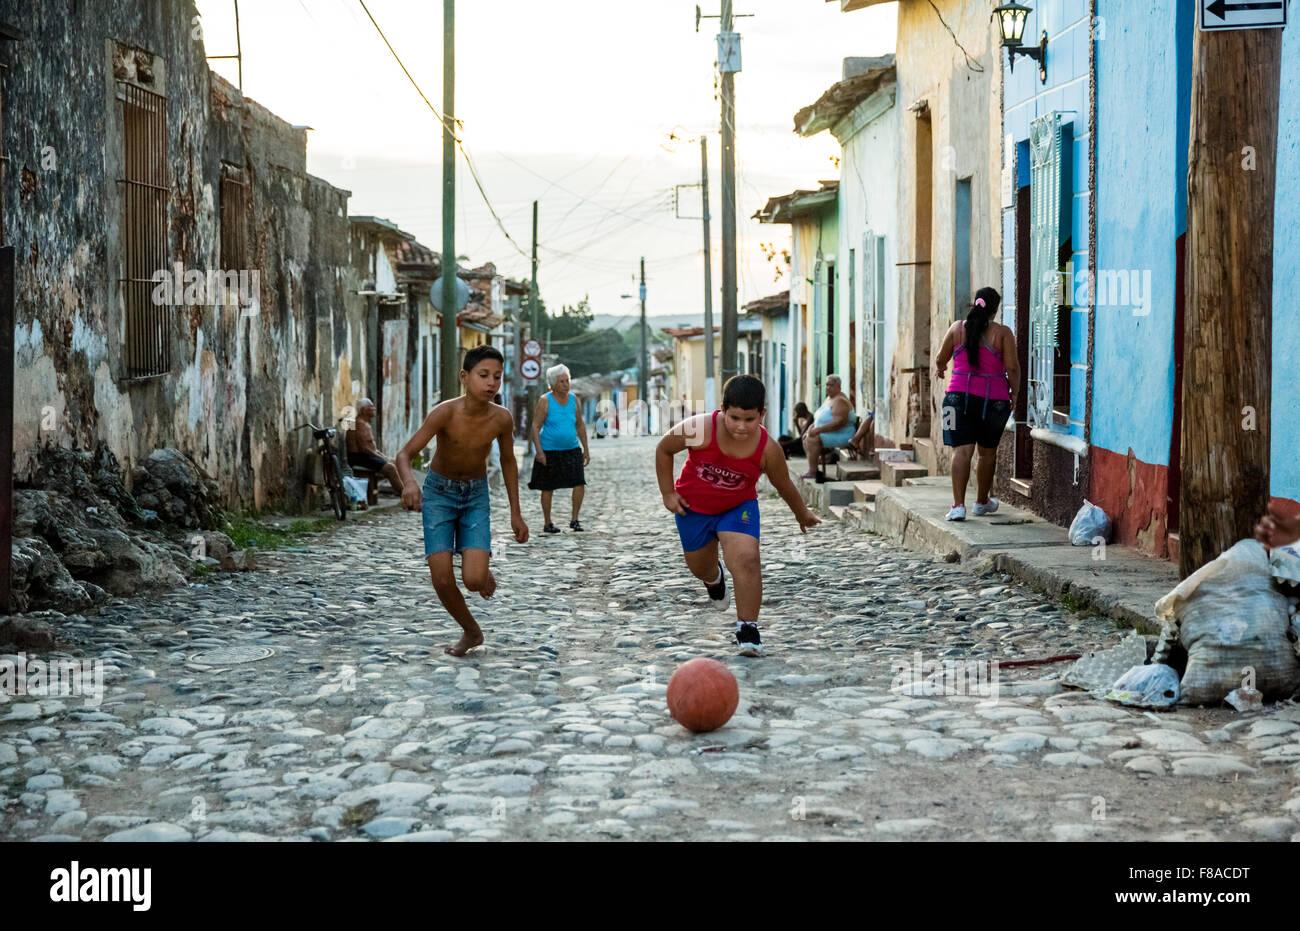 Ninos Jugando Al Futbol En La Calle De La Trinidad El Pavimento De